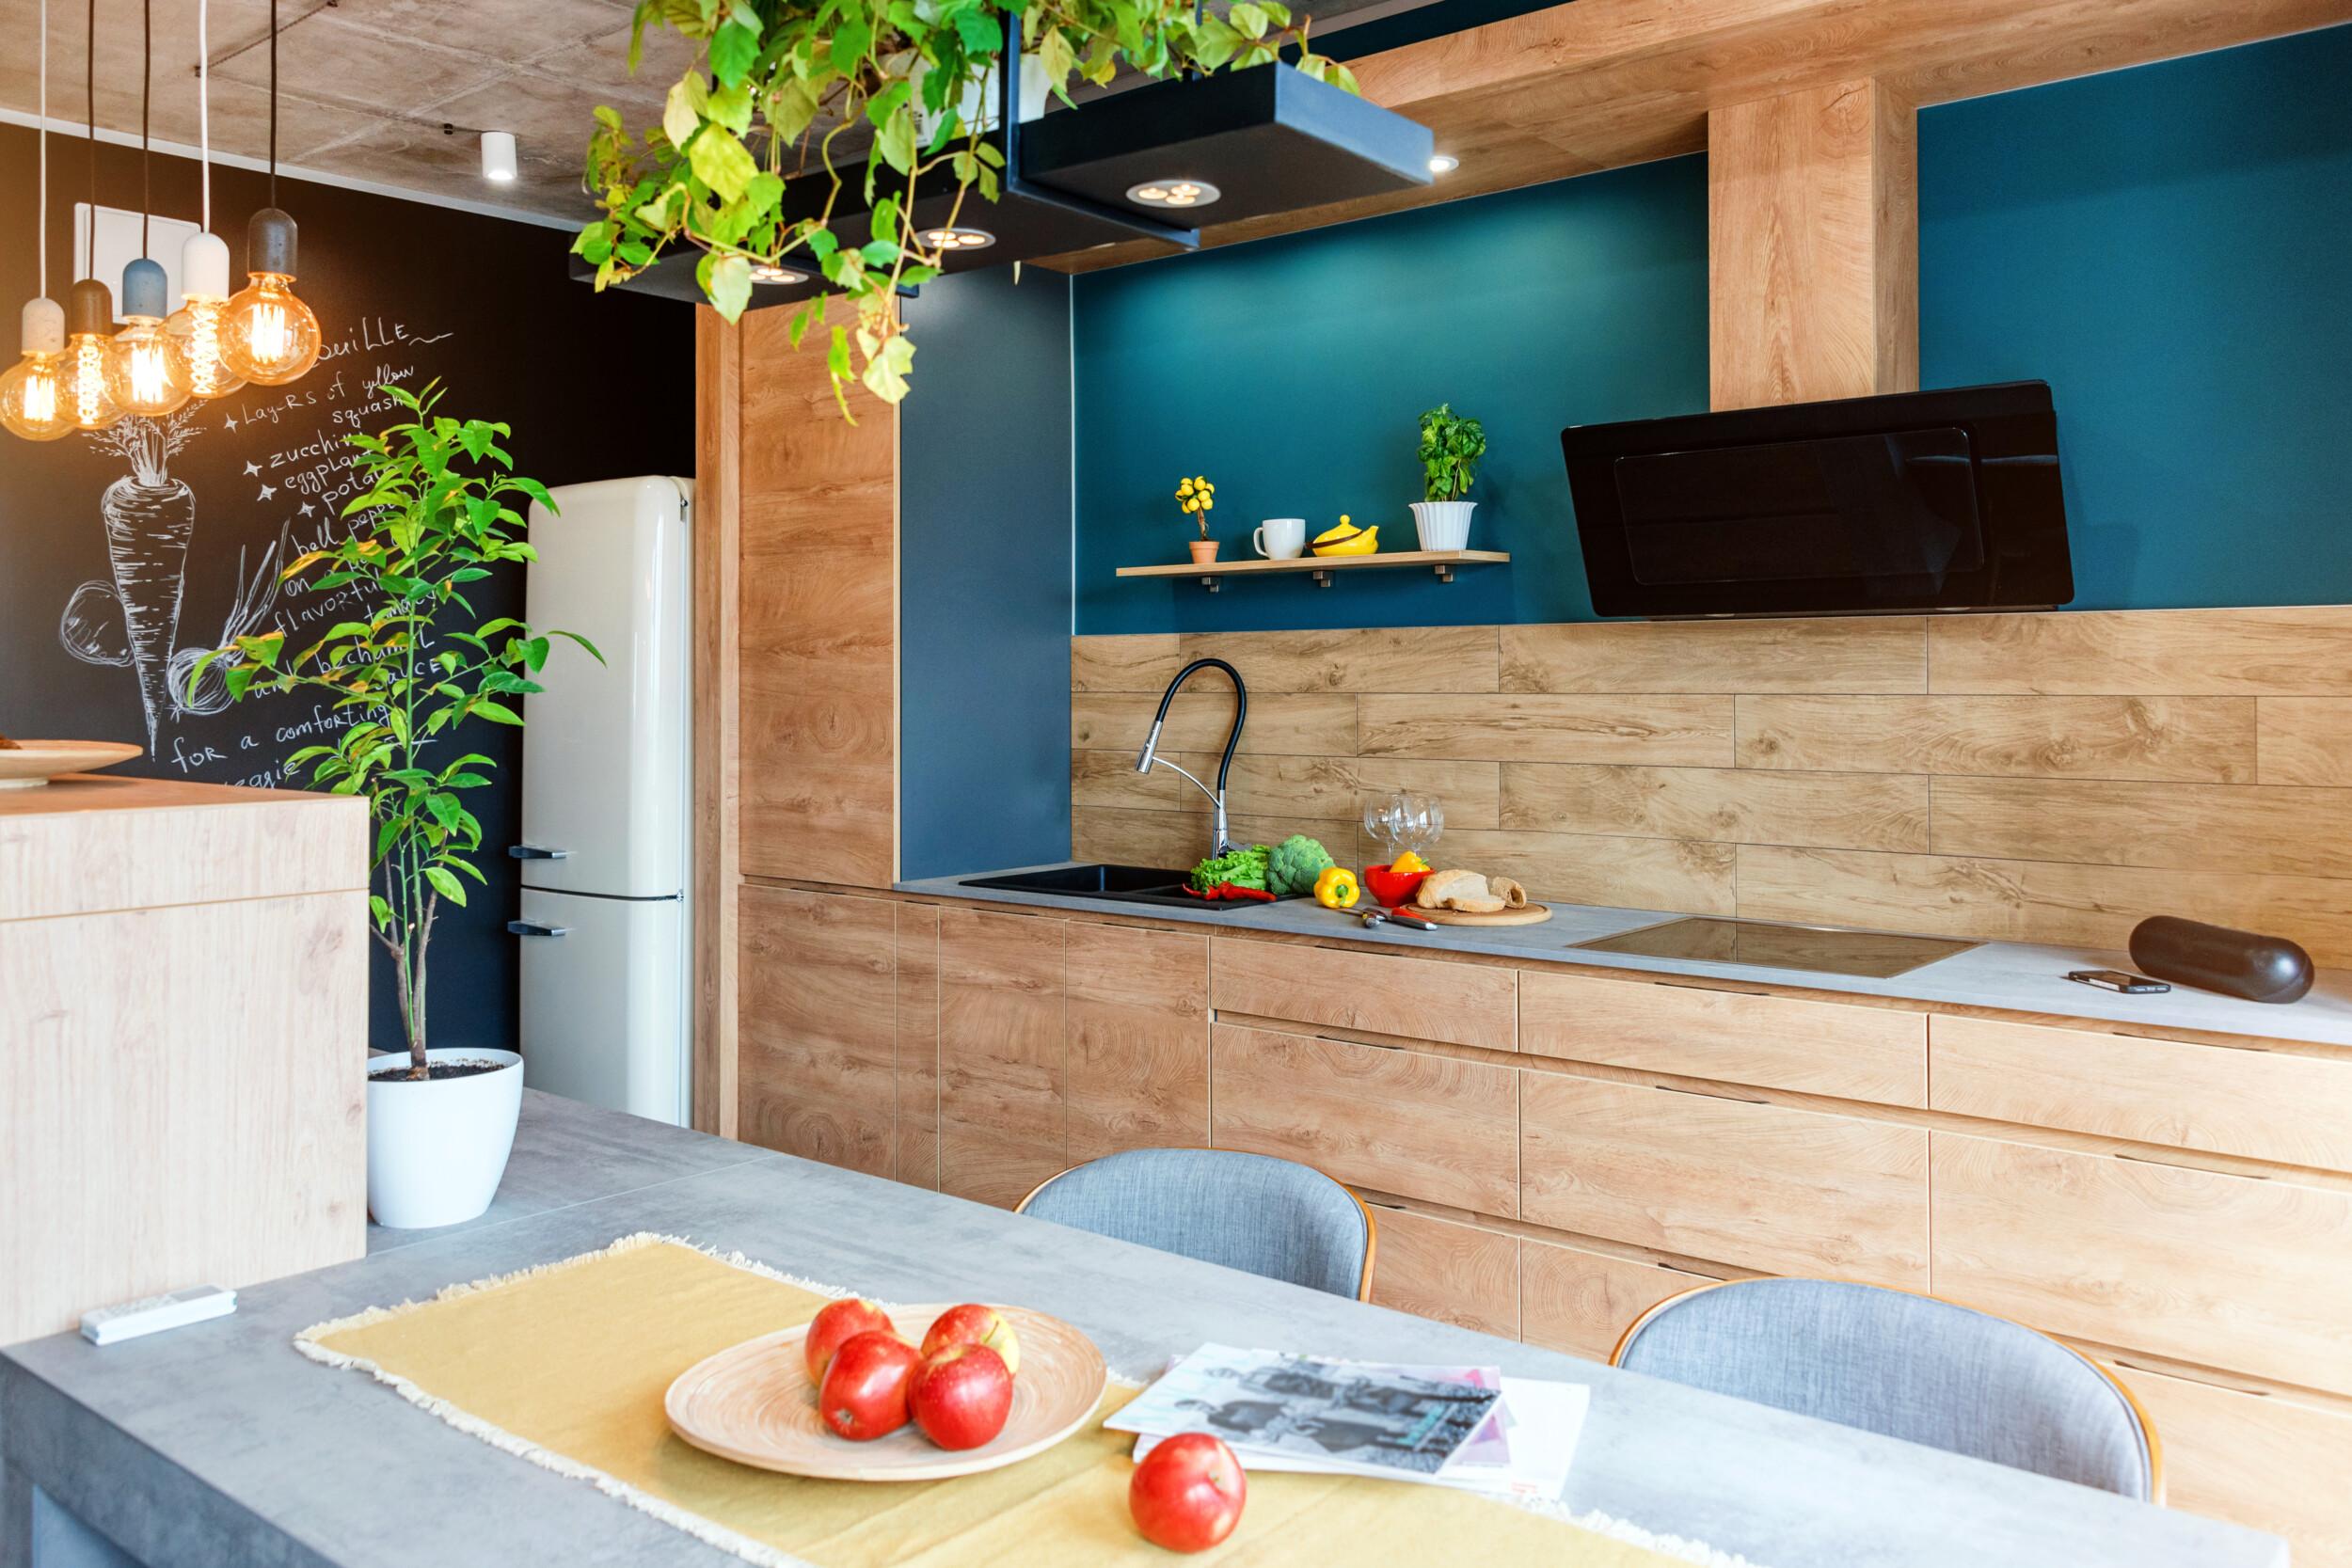 teal blue kitchen design